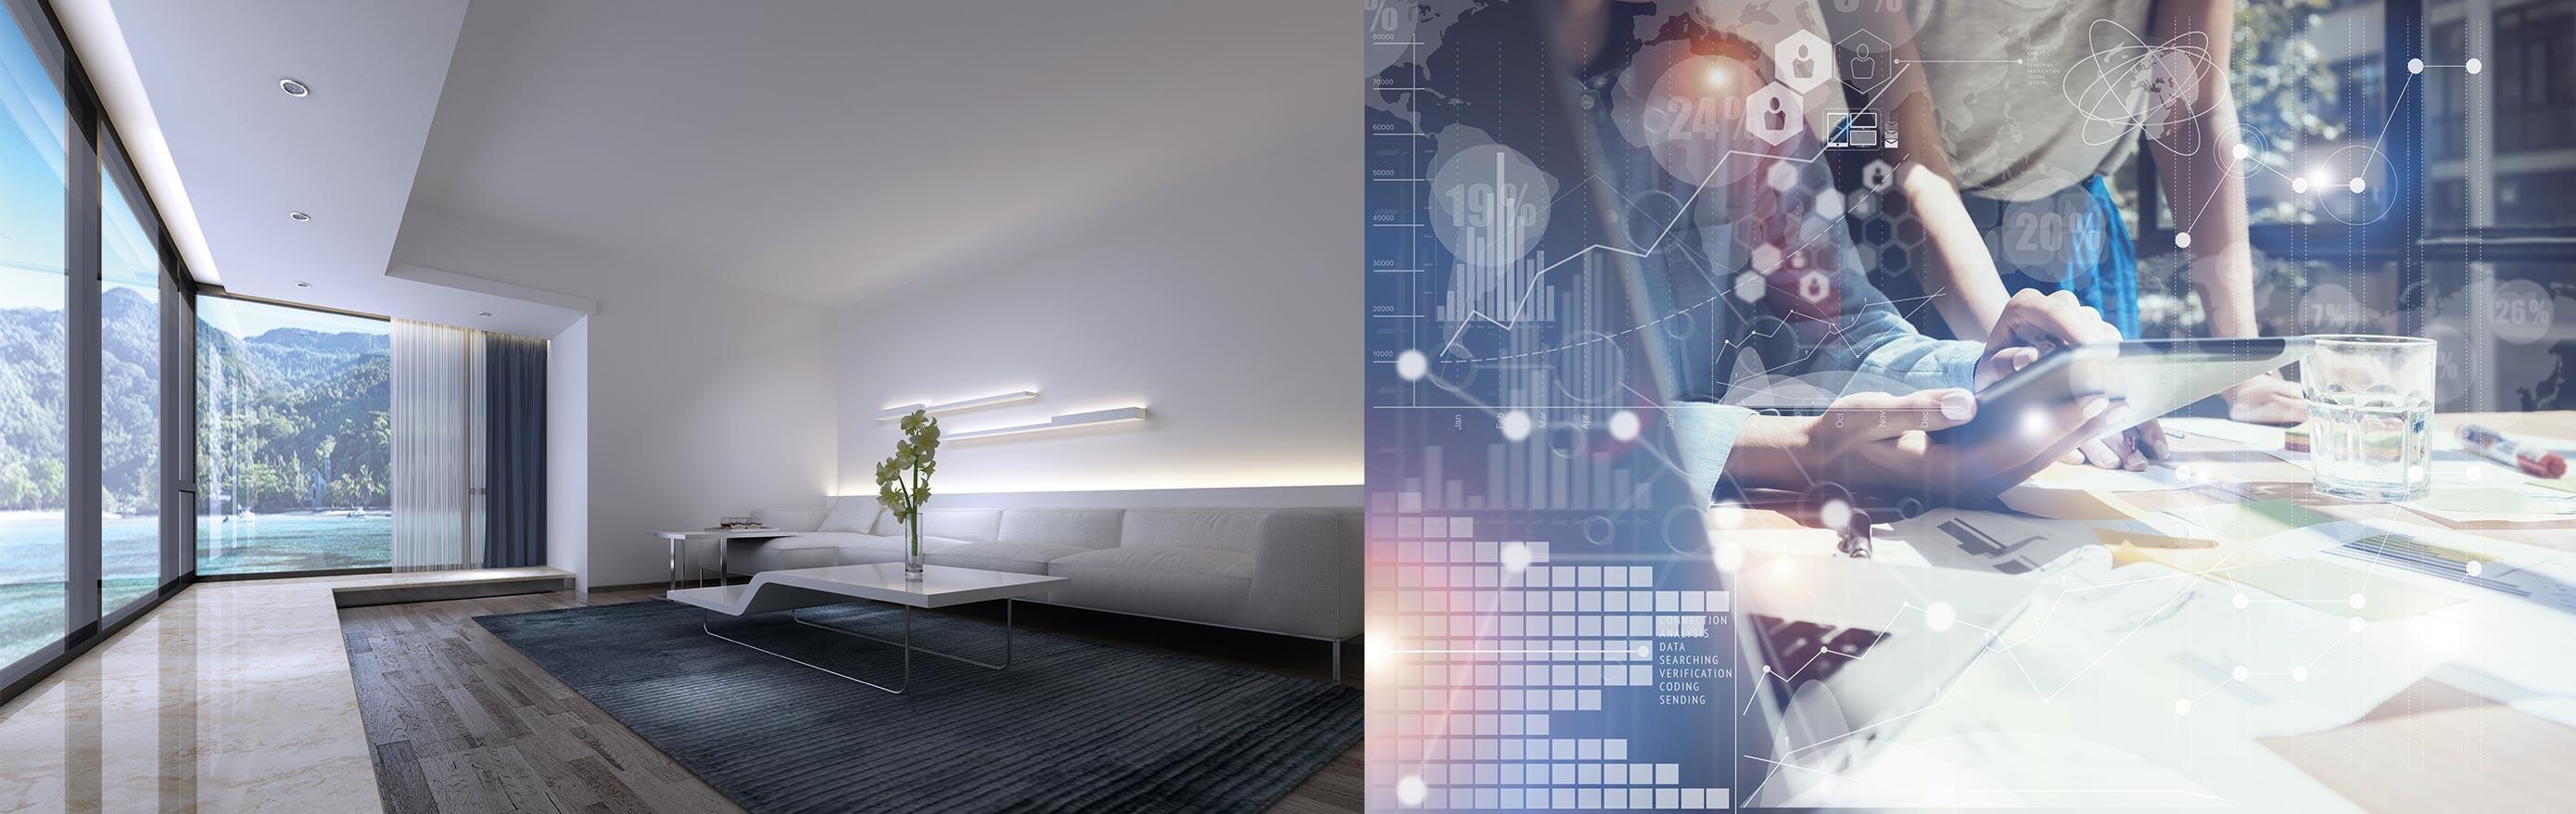 Modestile am billigsten High Fashion Luxus-Immobilien-Management